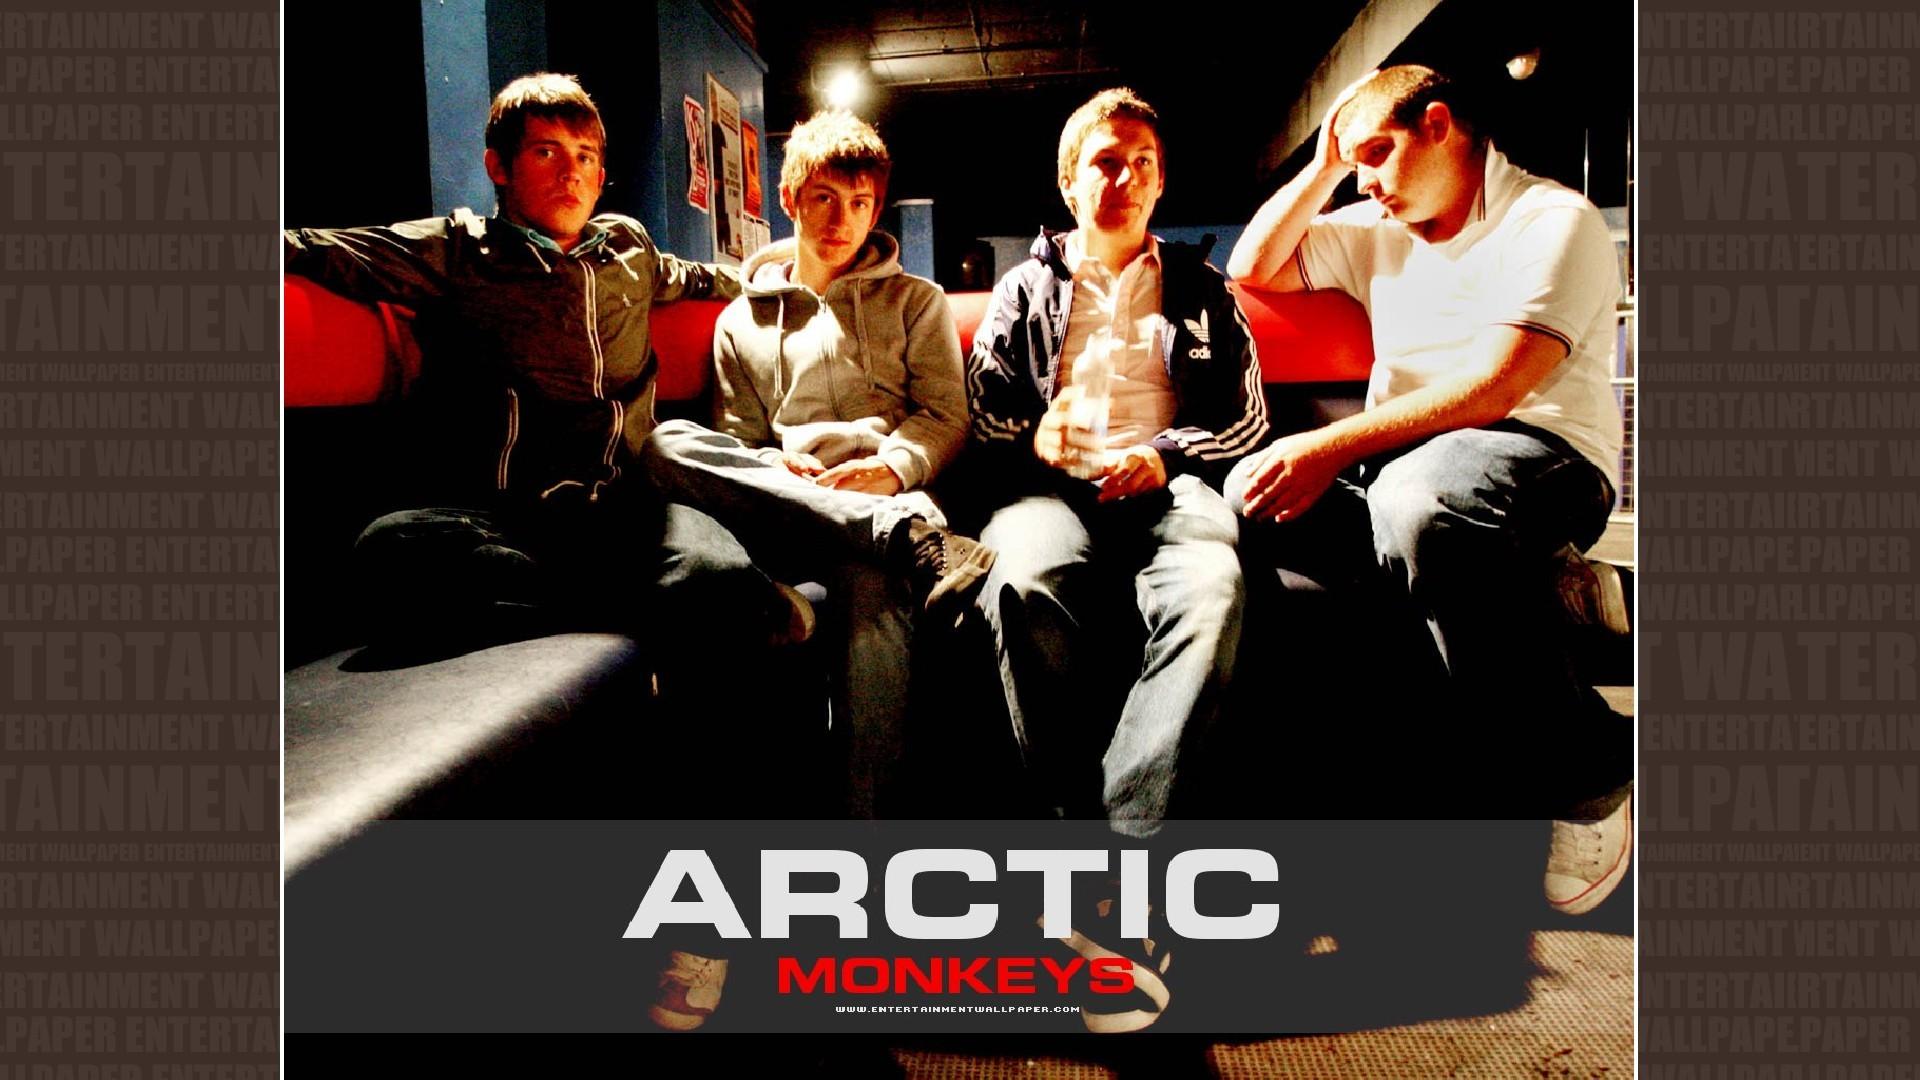 Biffy Clyro Iphone Wallpaper Arctic Monkeys Wallpapers 74 Pictures